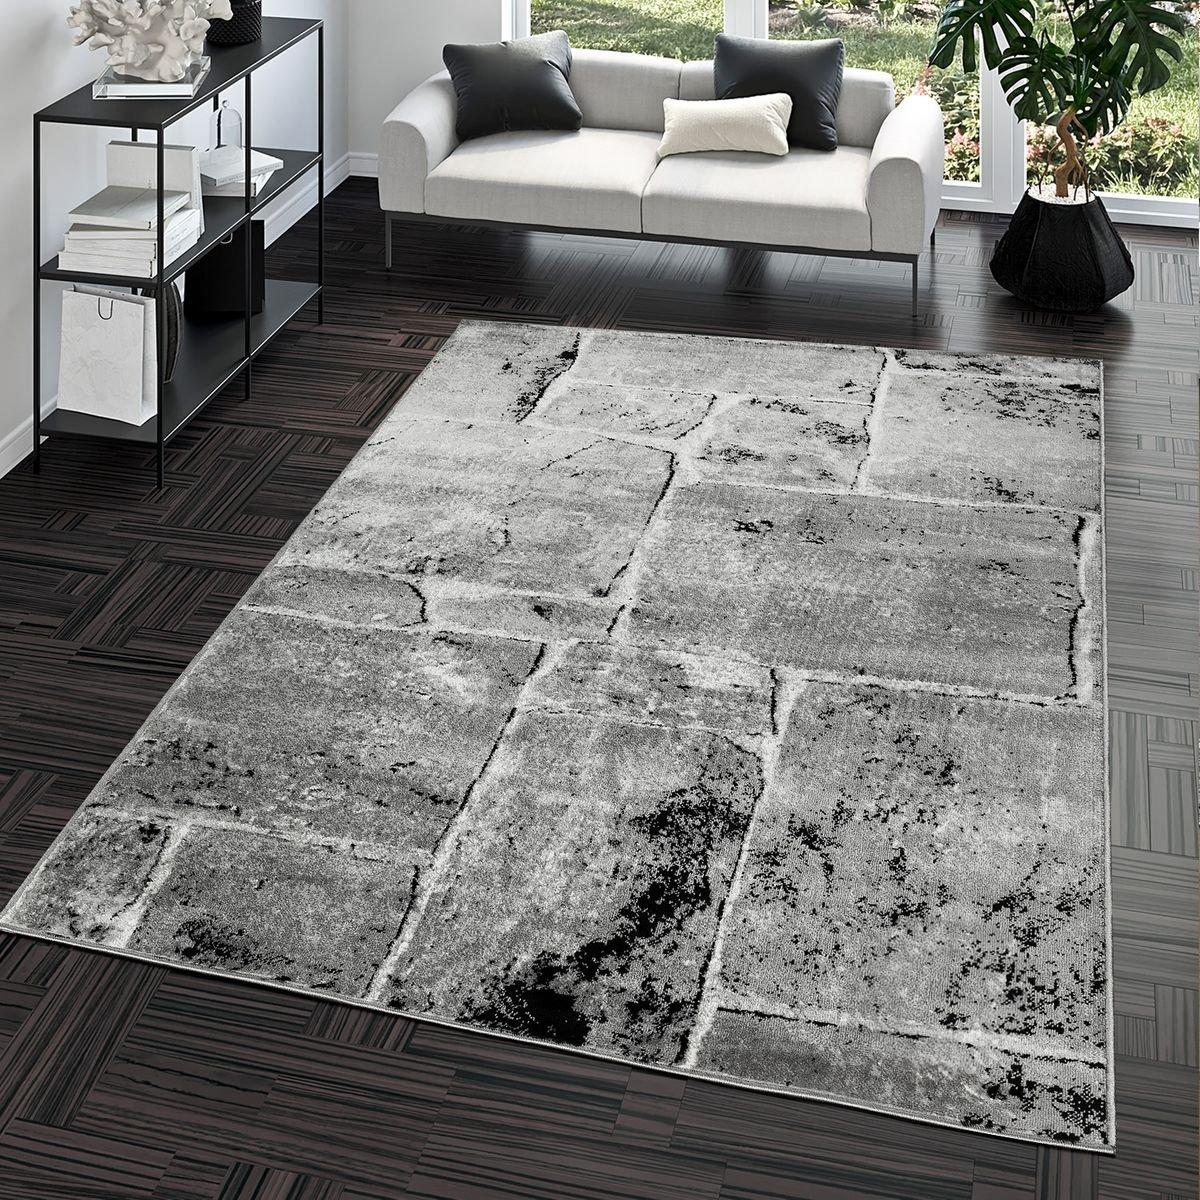 Teppich Steinboden Marmor Optik Design Modern Wohnzimmerteppich Grau Top Preis, Größe 190x280 cm